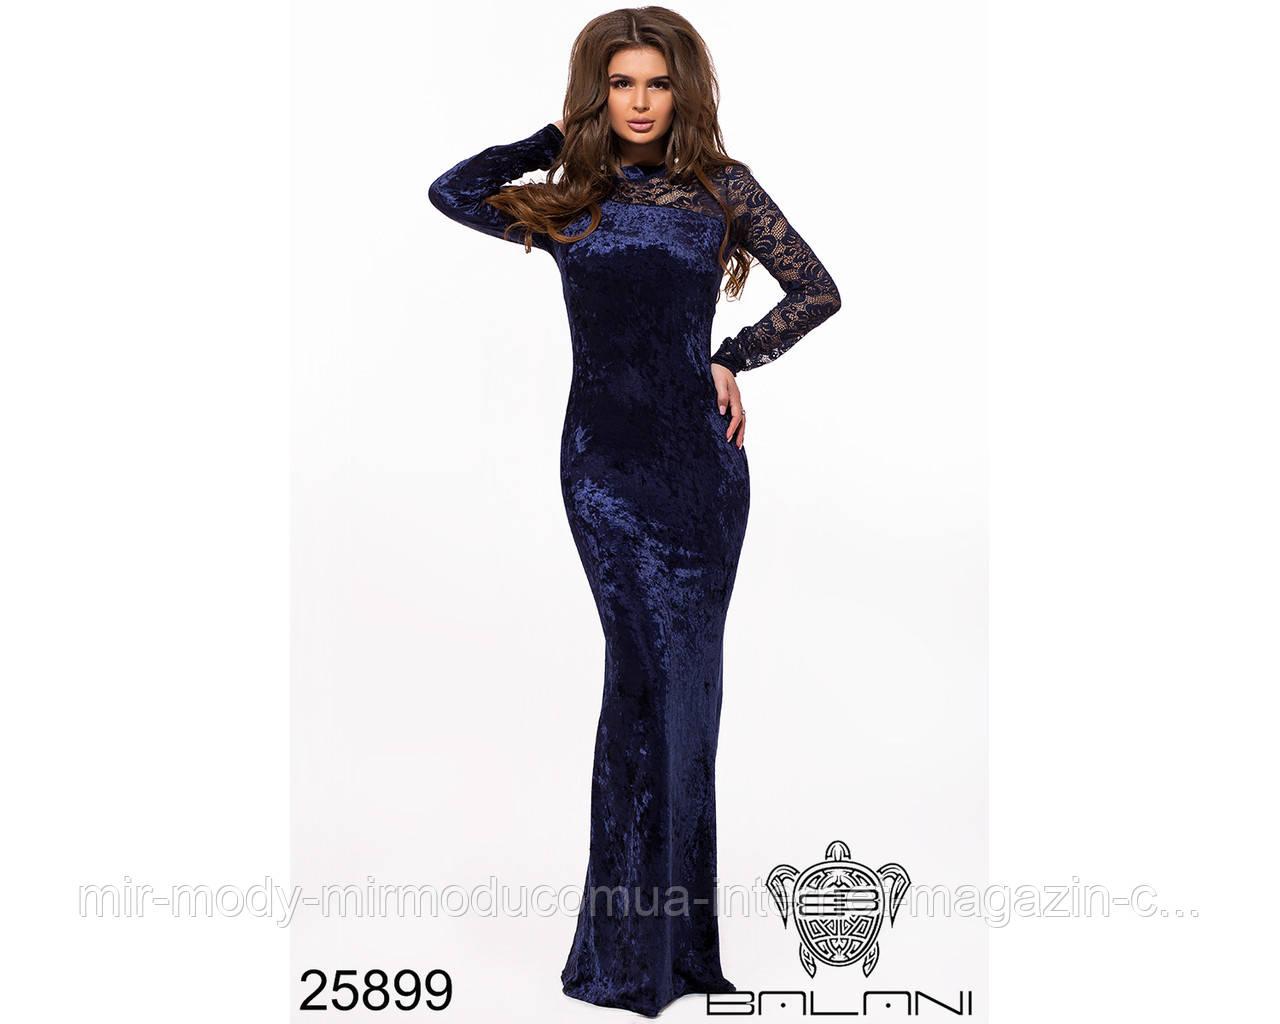 Вечернее платье - 25899  Размер: c 42 по 48 (бн)